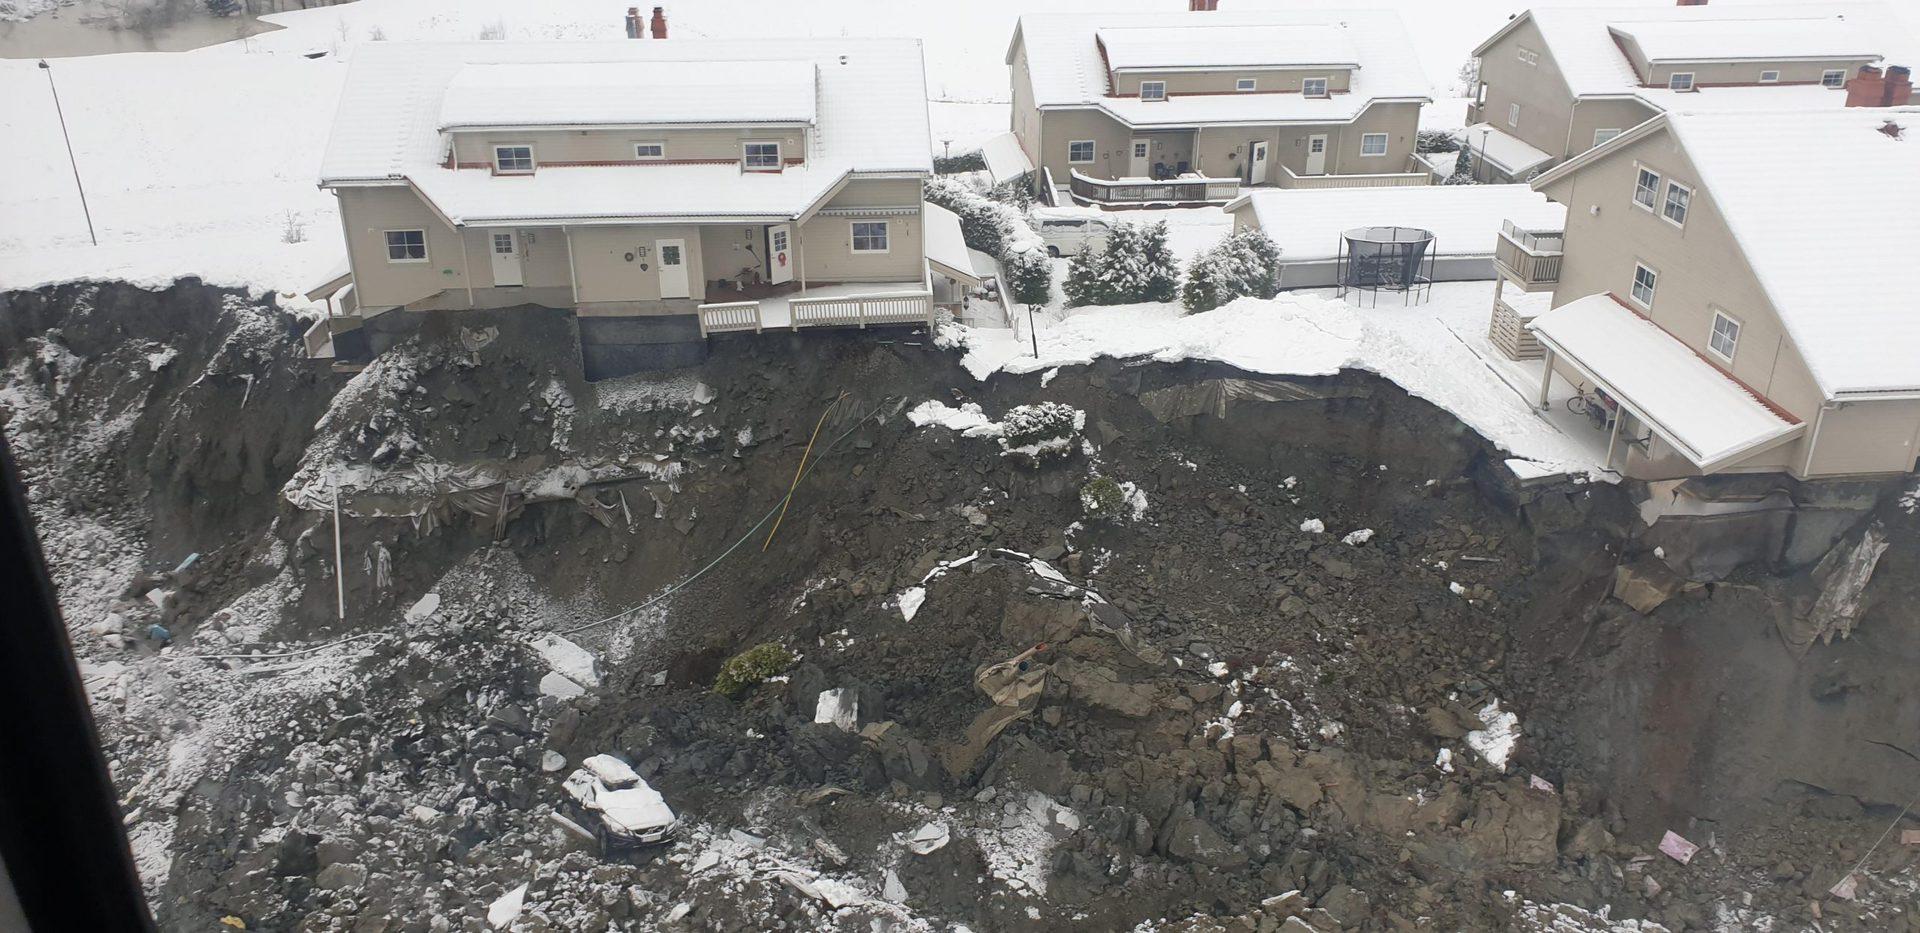 Weiteres Todesopfer nach Erdrutsch in Norwegen gefunden Nach drei Tagen